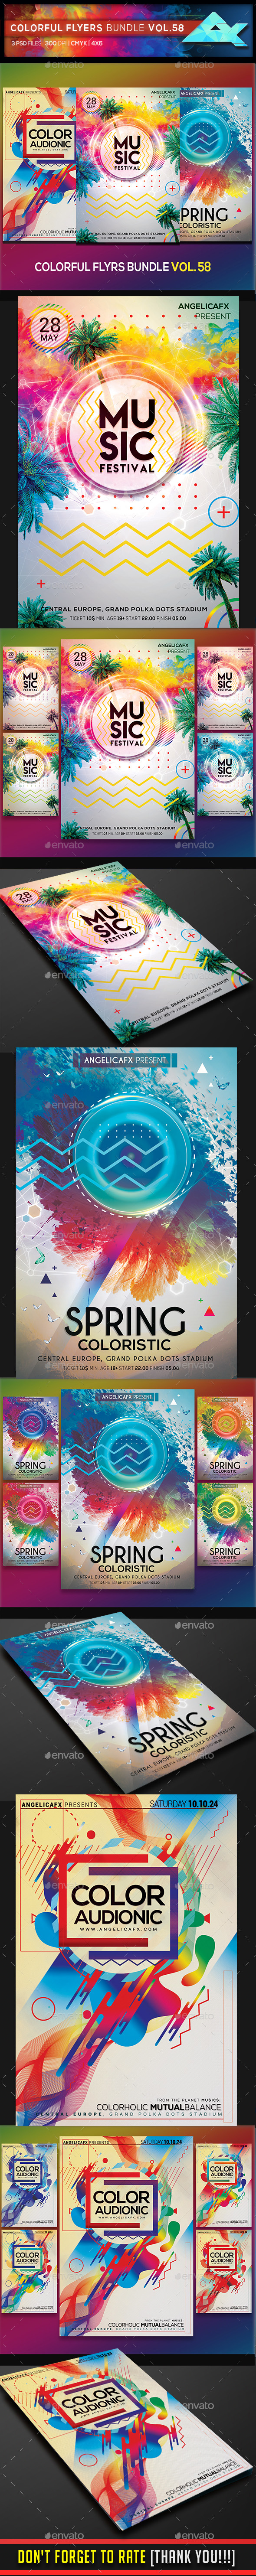 Colorful Flyers Bundle Vol. 58 - Flyers Print Templates